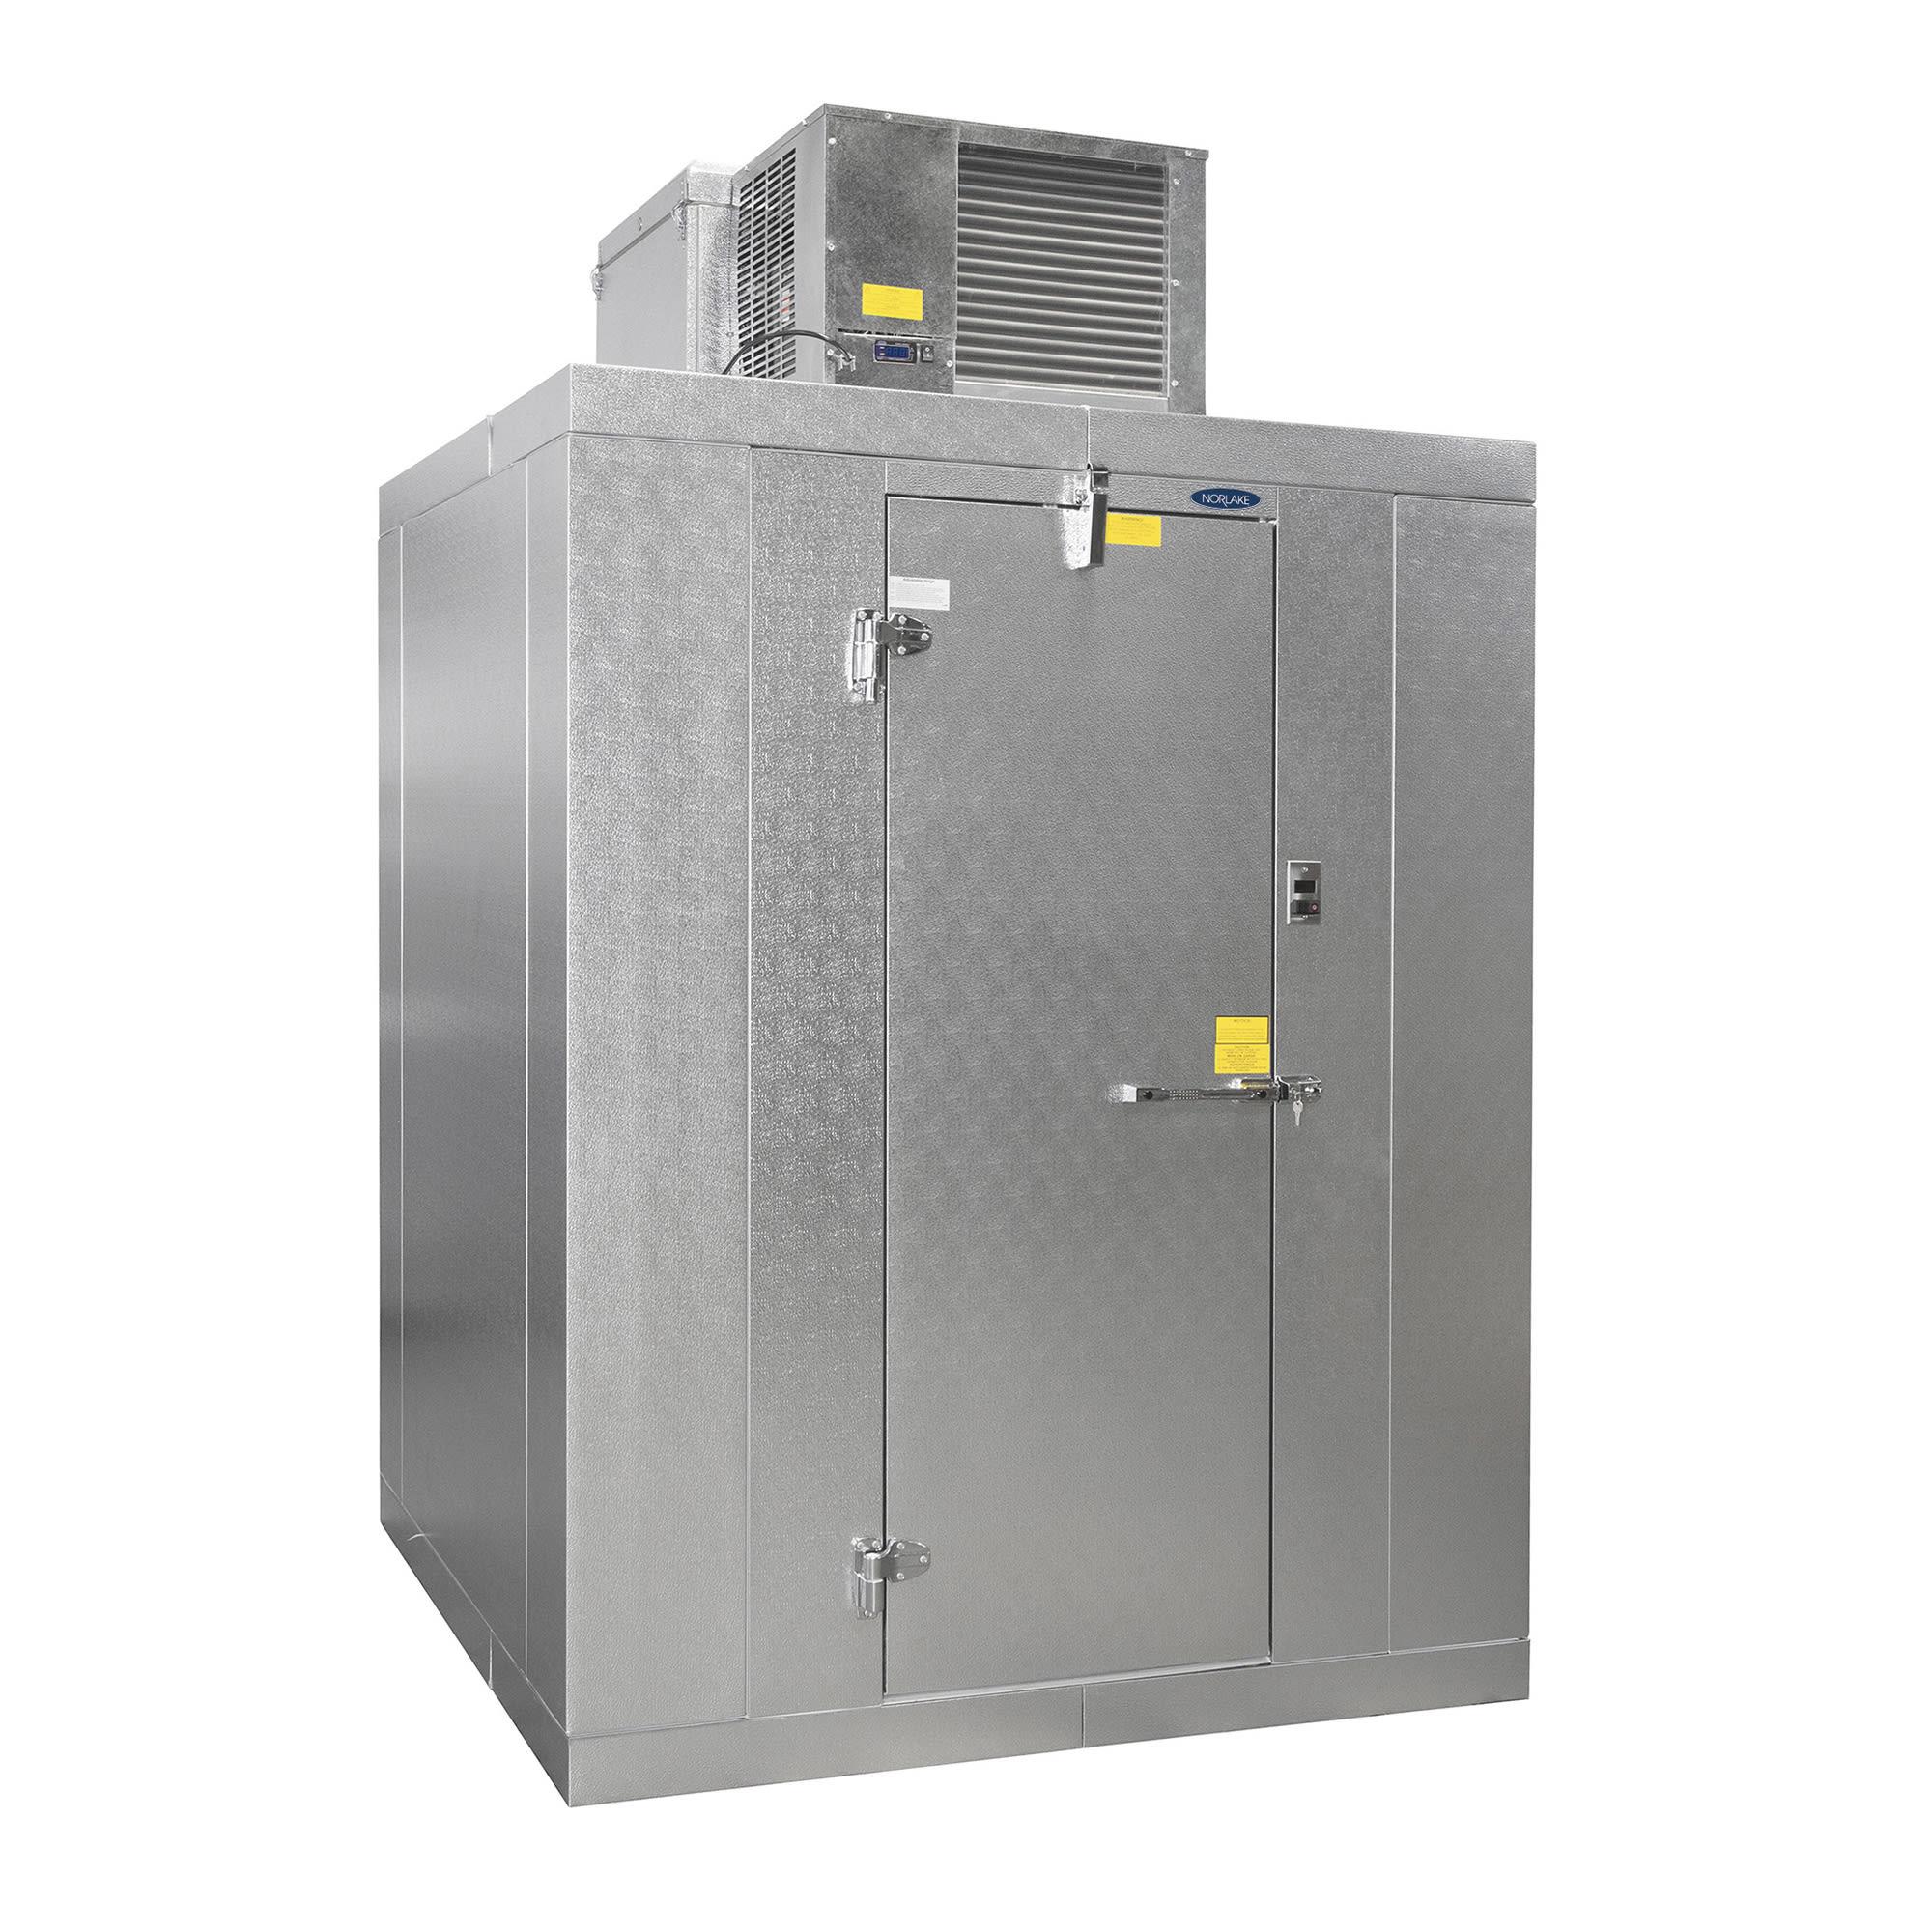 Norlake KODF77812-C Outdoor Walk-In Freezer w/ Top Mount Compressor, 8' x 12'